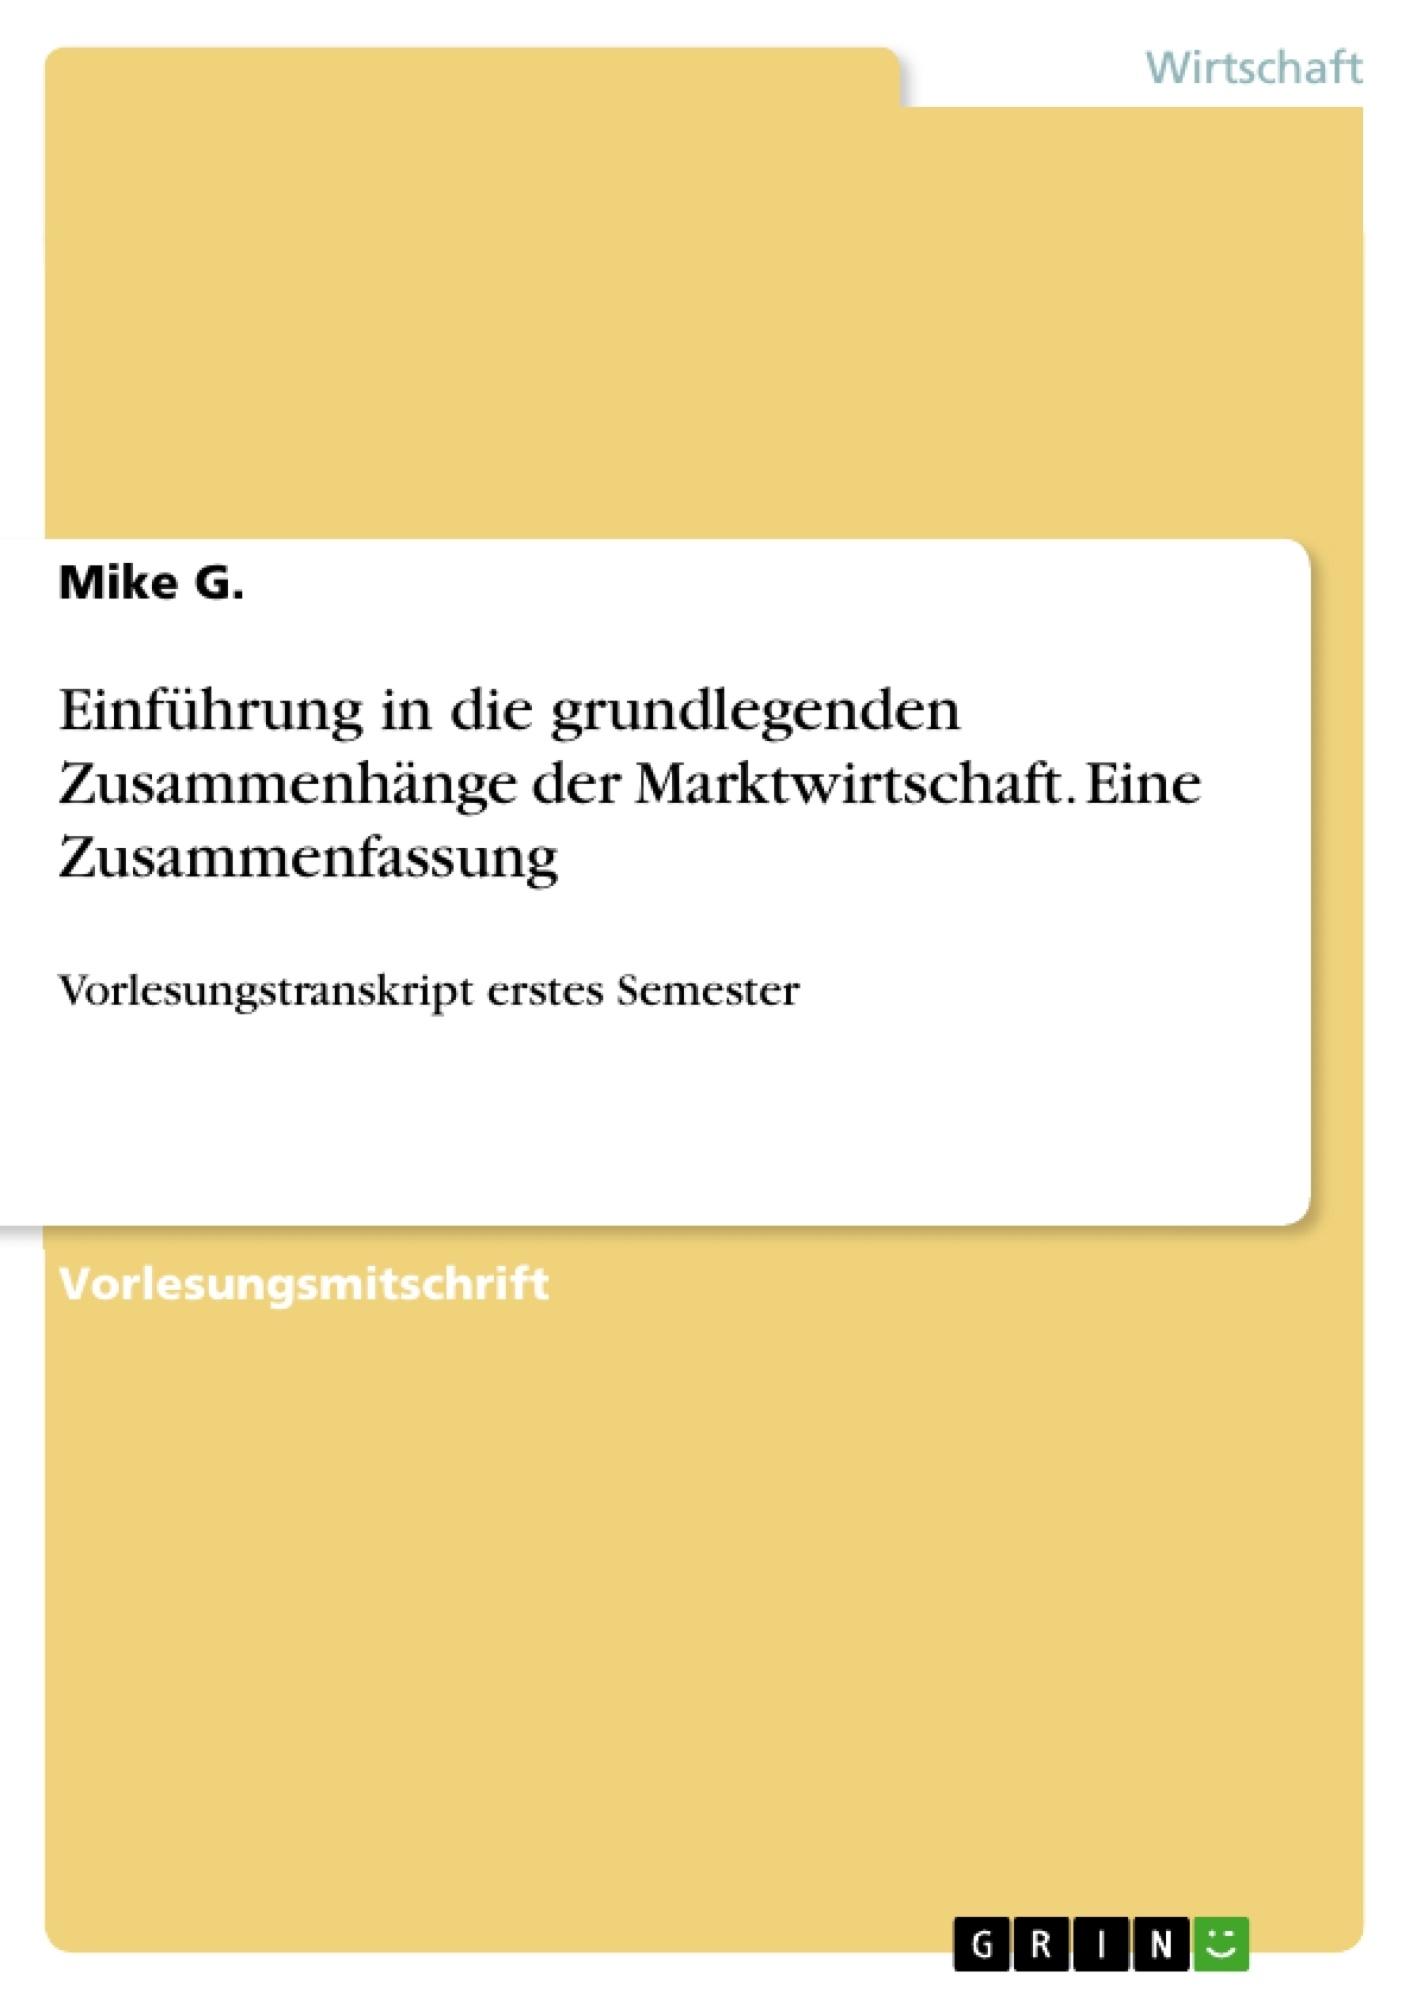 Titel: Einführung in die grundlegenden Zusammenhänge der Marktwirtschaft. Eine Zusammenfassung